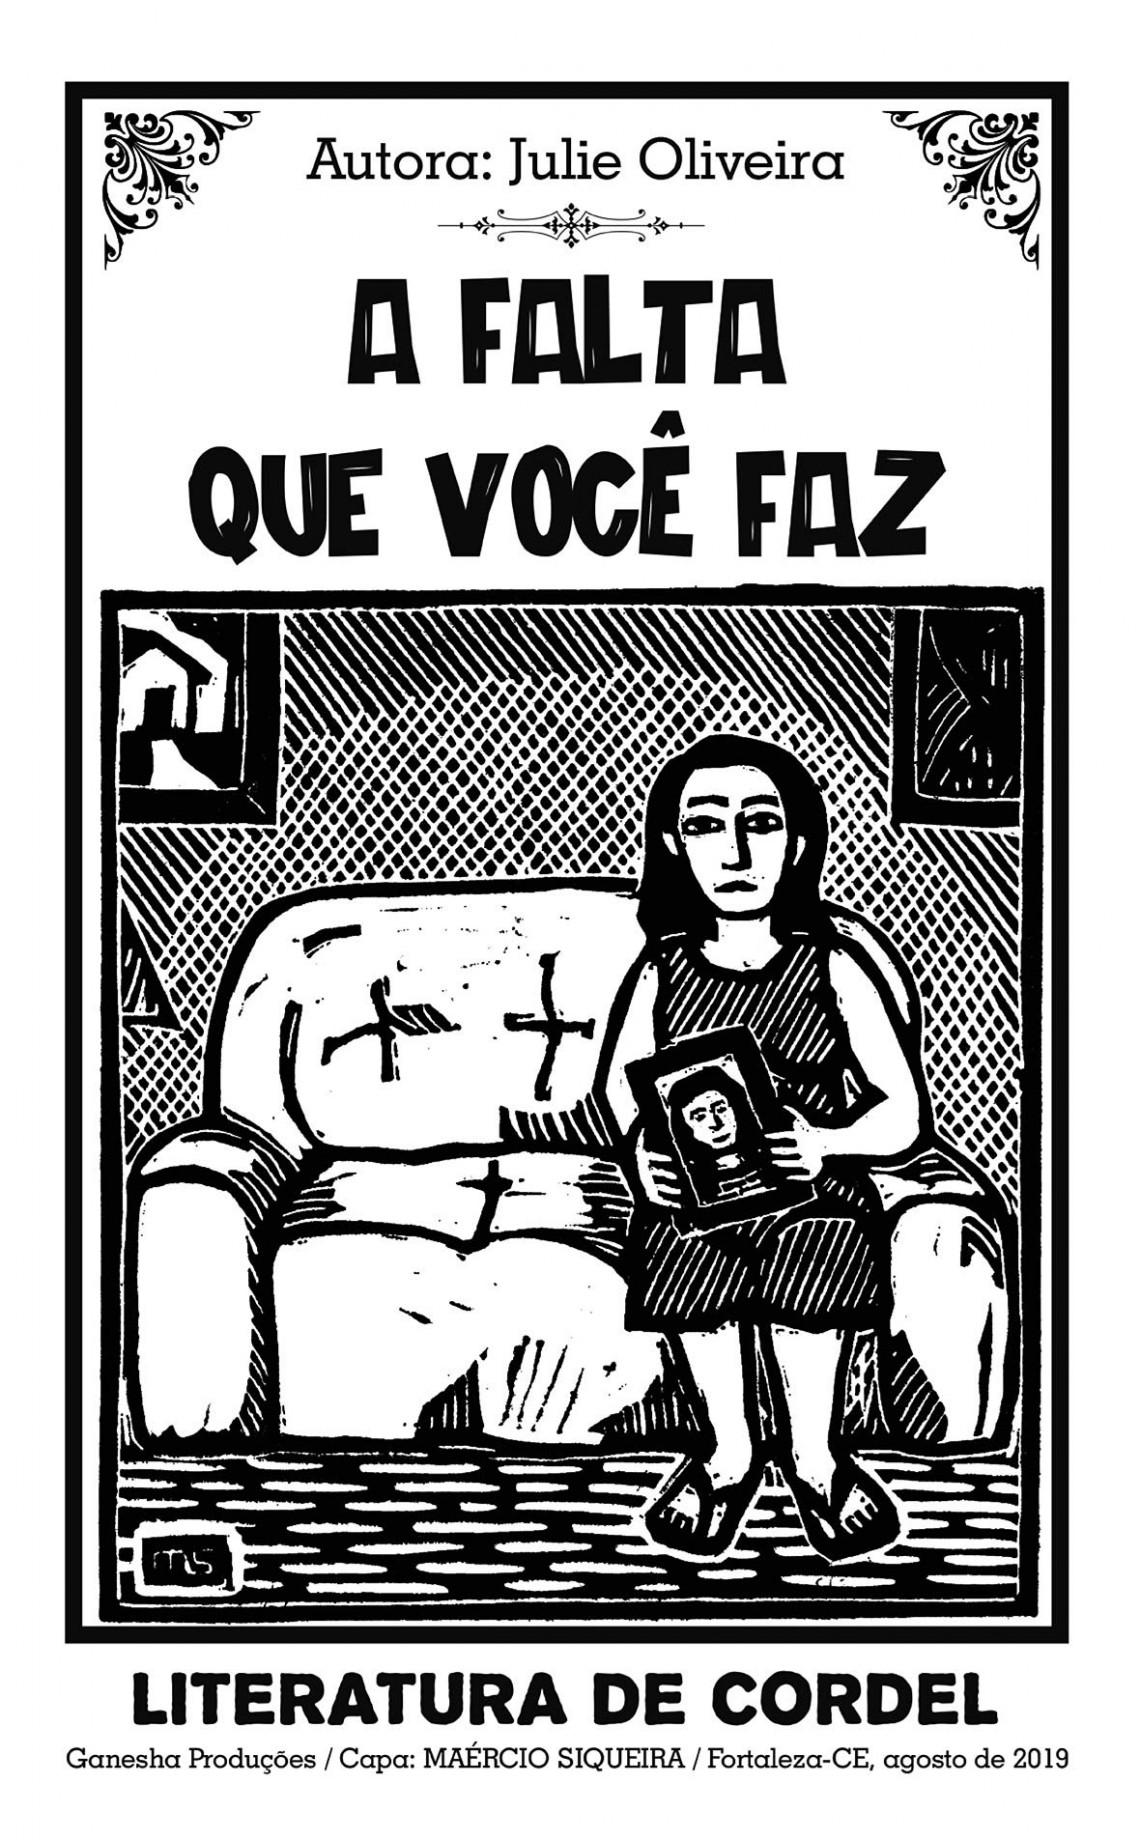 Ilustração de Maércio Siqueira